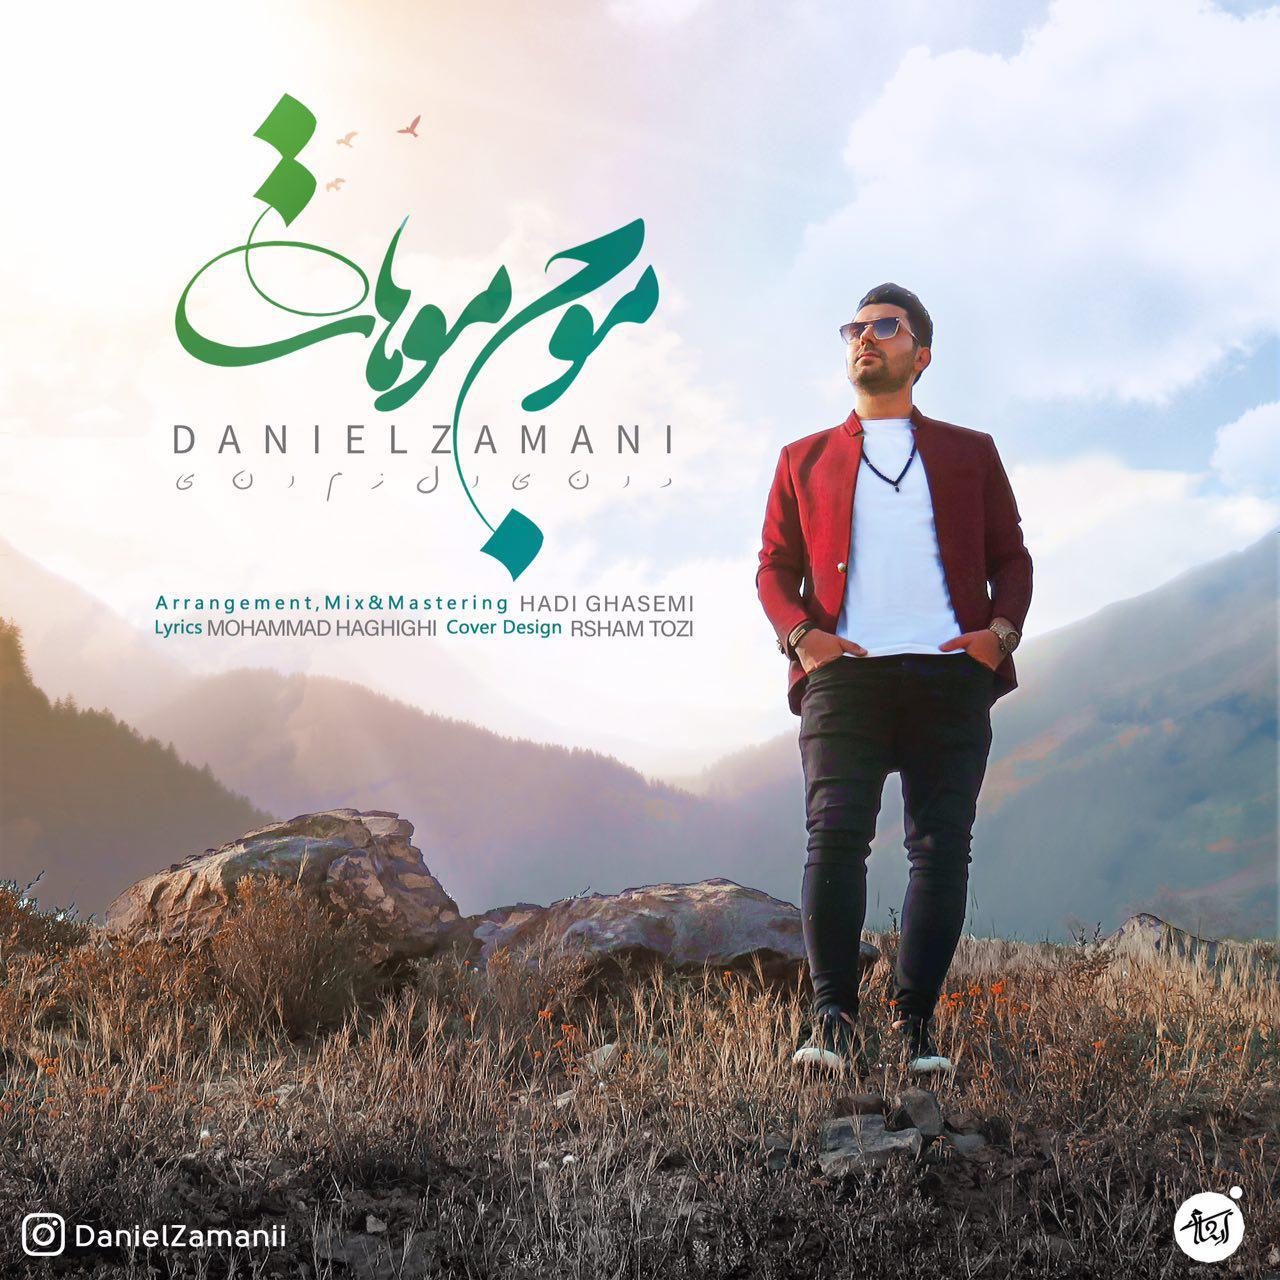 دانلود آهنگ جدید دانیال زمانی به نام موج موهات